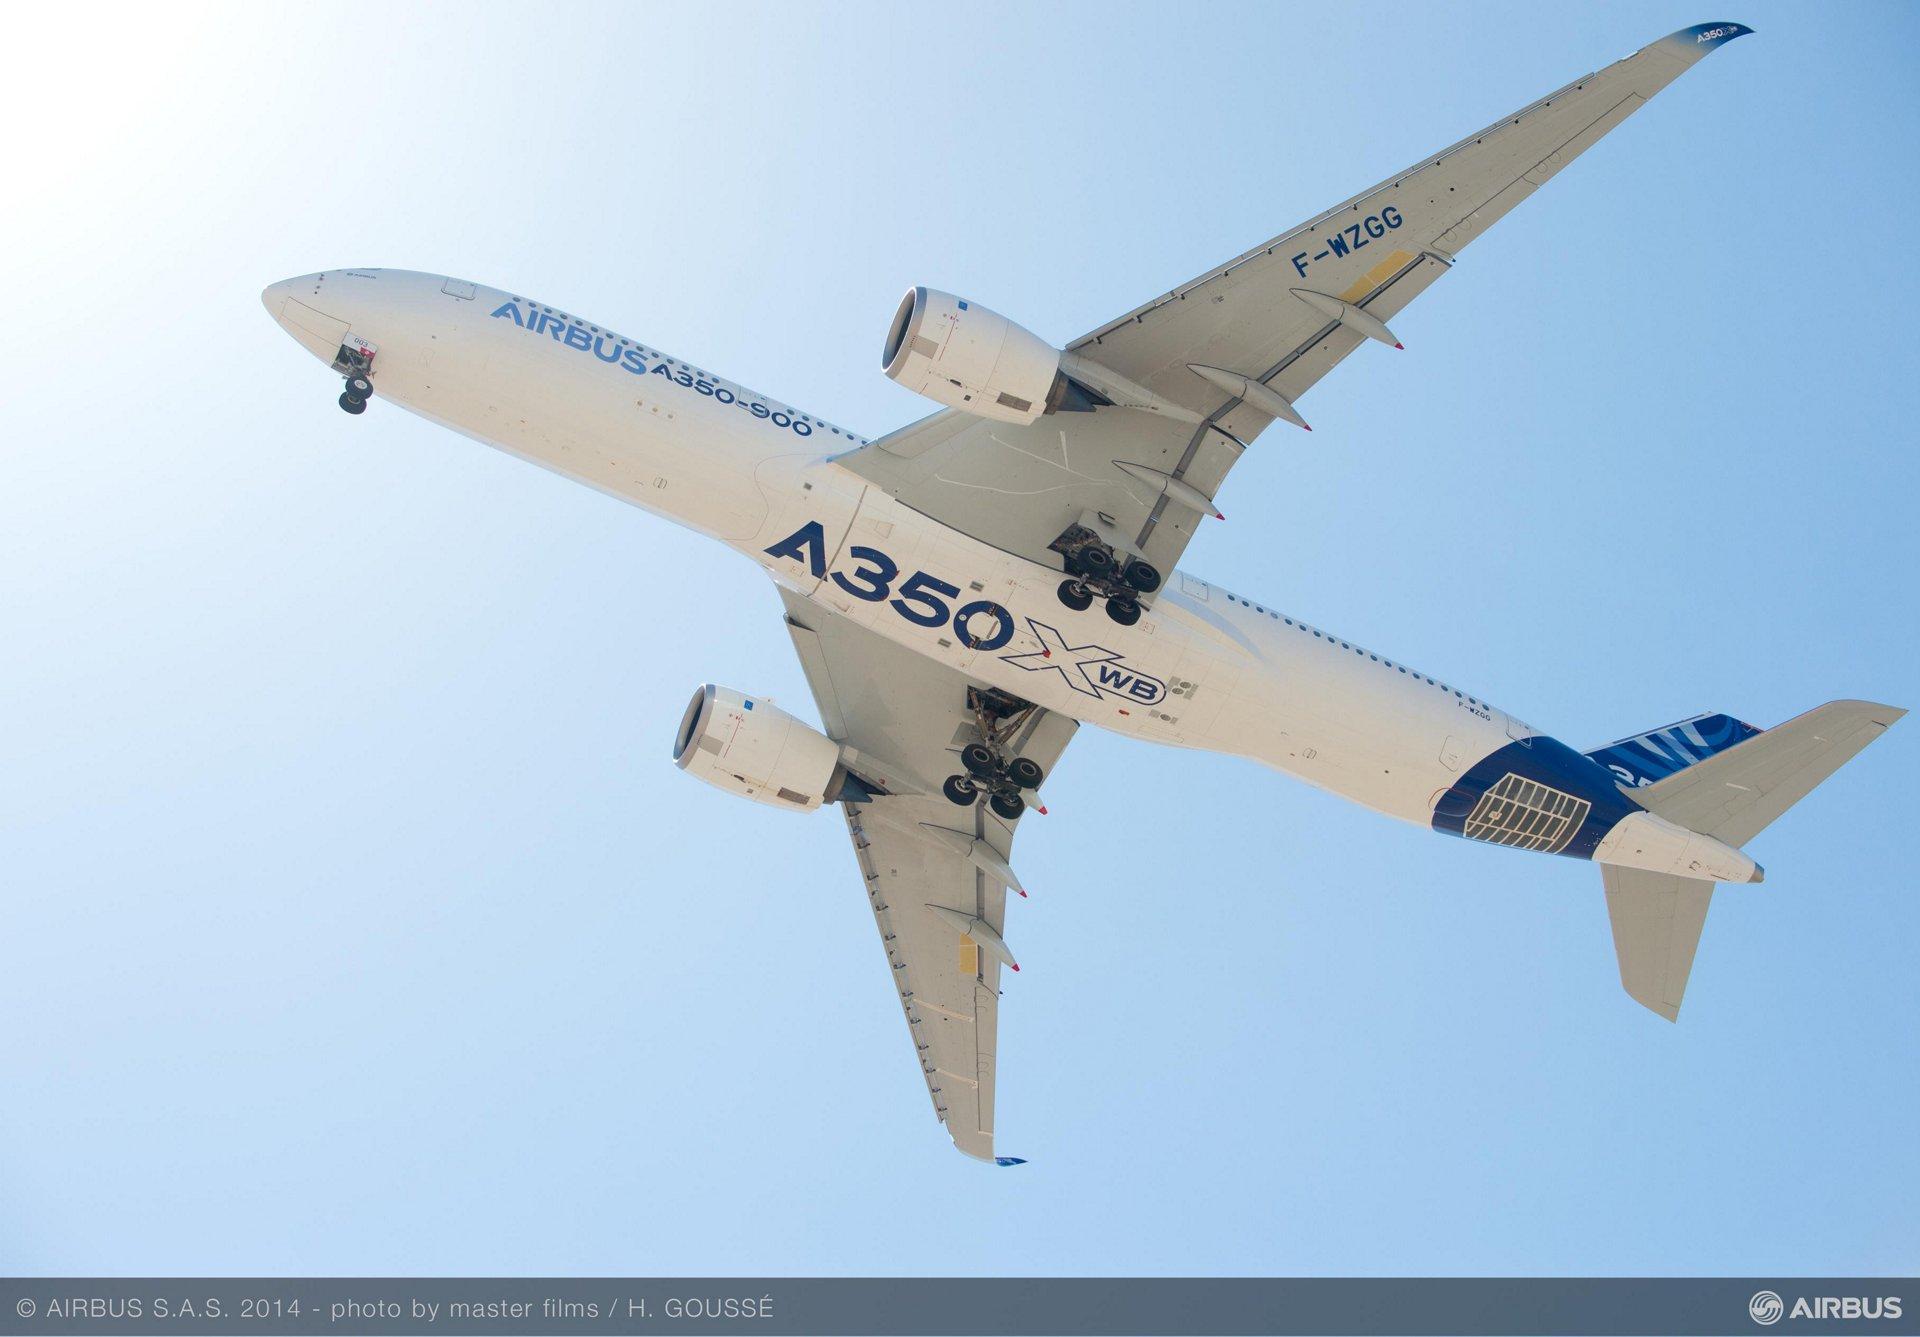 A350-900 in flight